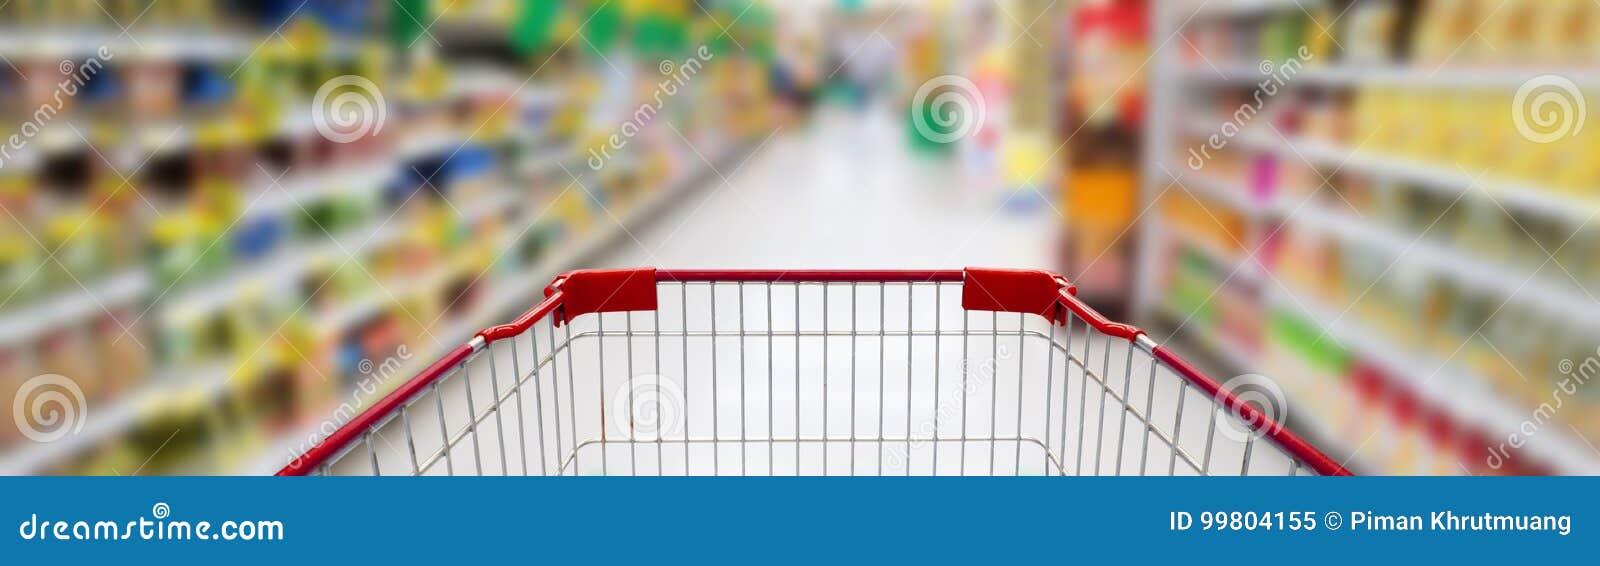 Supermarket nawa z pustym czerwonym wózek na zakupy